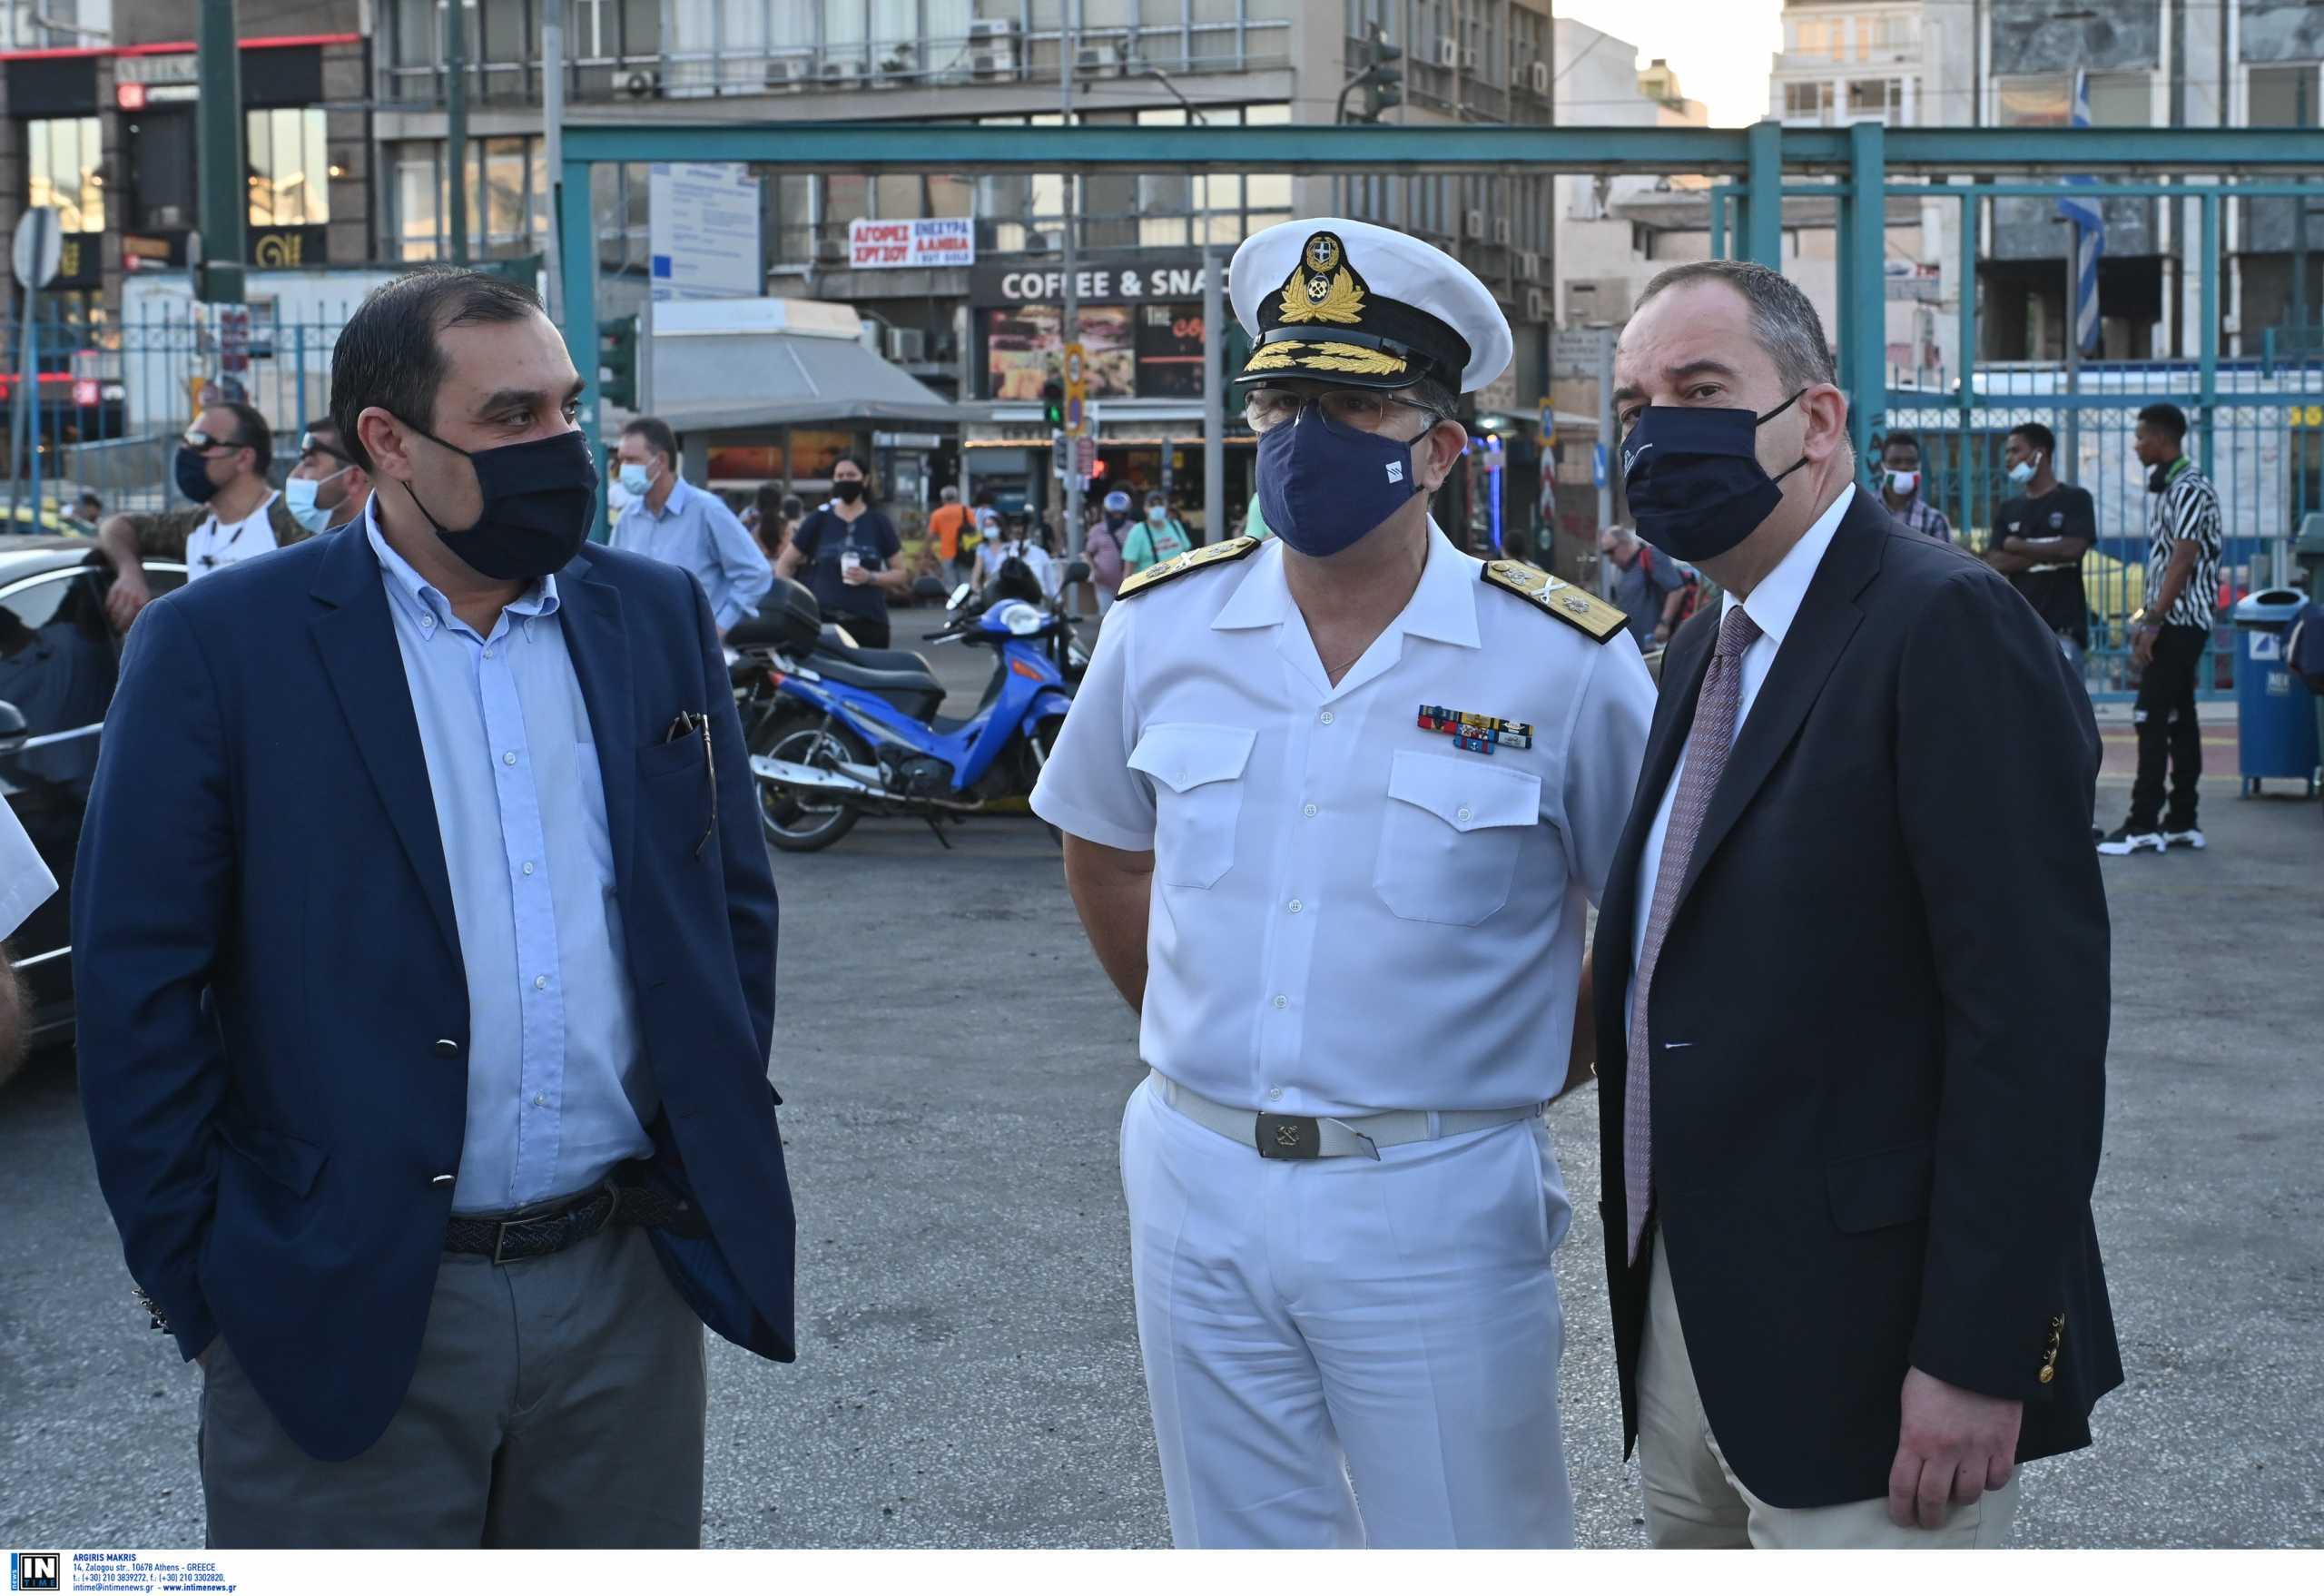 «Χαμός» στο λιμάνι του Πειραιά – Πλακιωτάκης: Τα μέτρα έχουν ως στόχο να επιταχυνθούν οι εμβολιασμοί